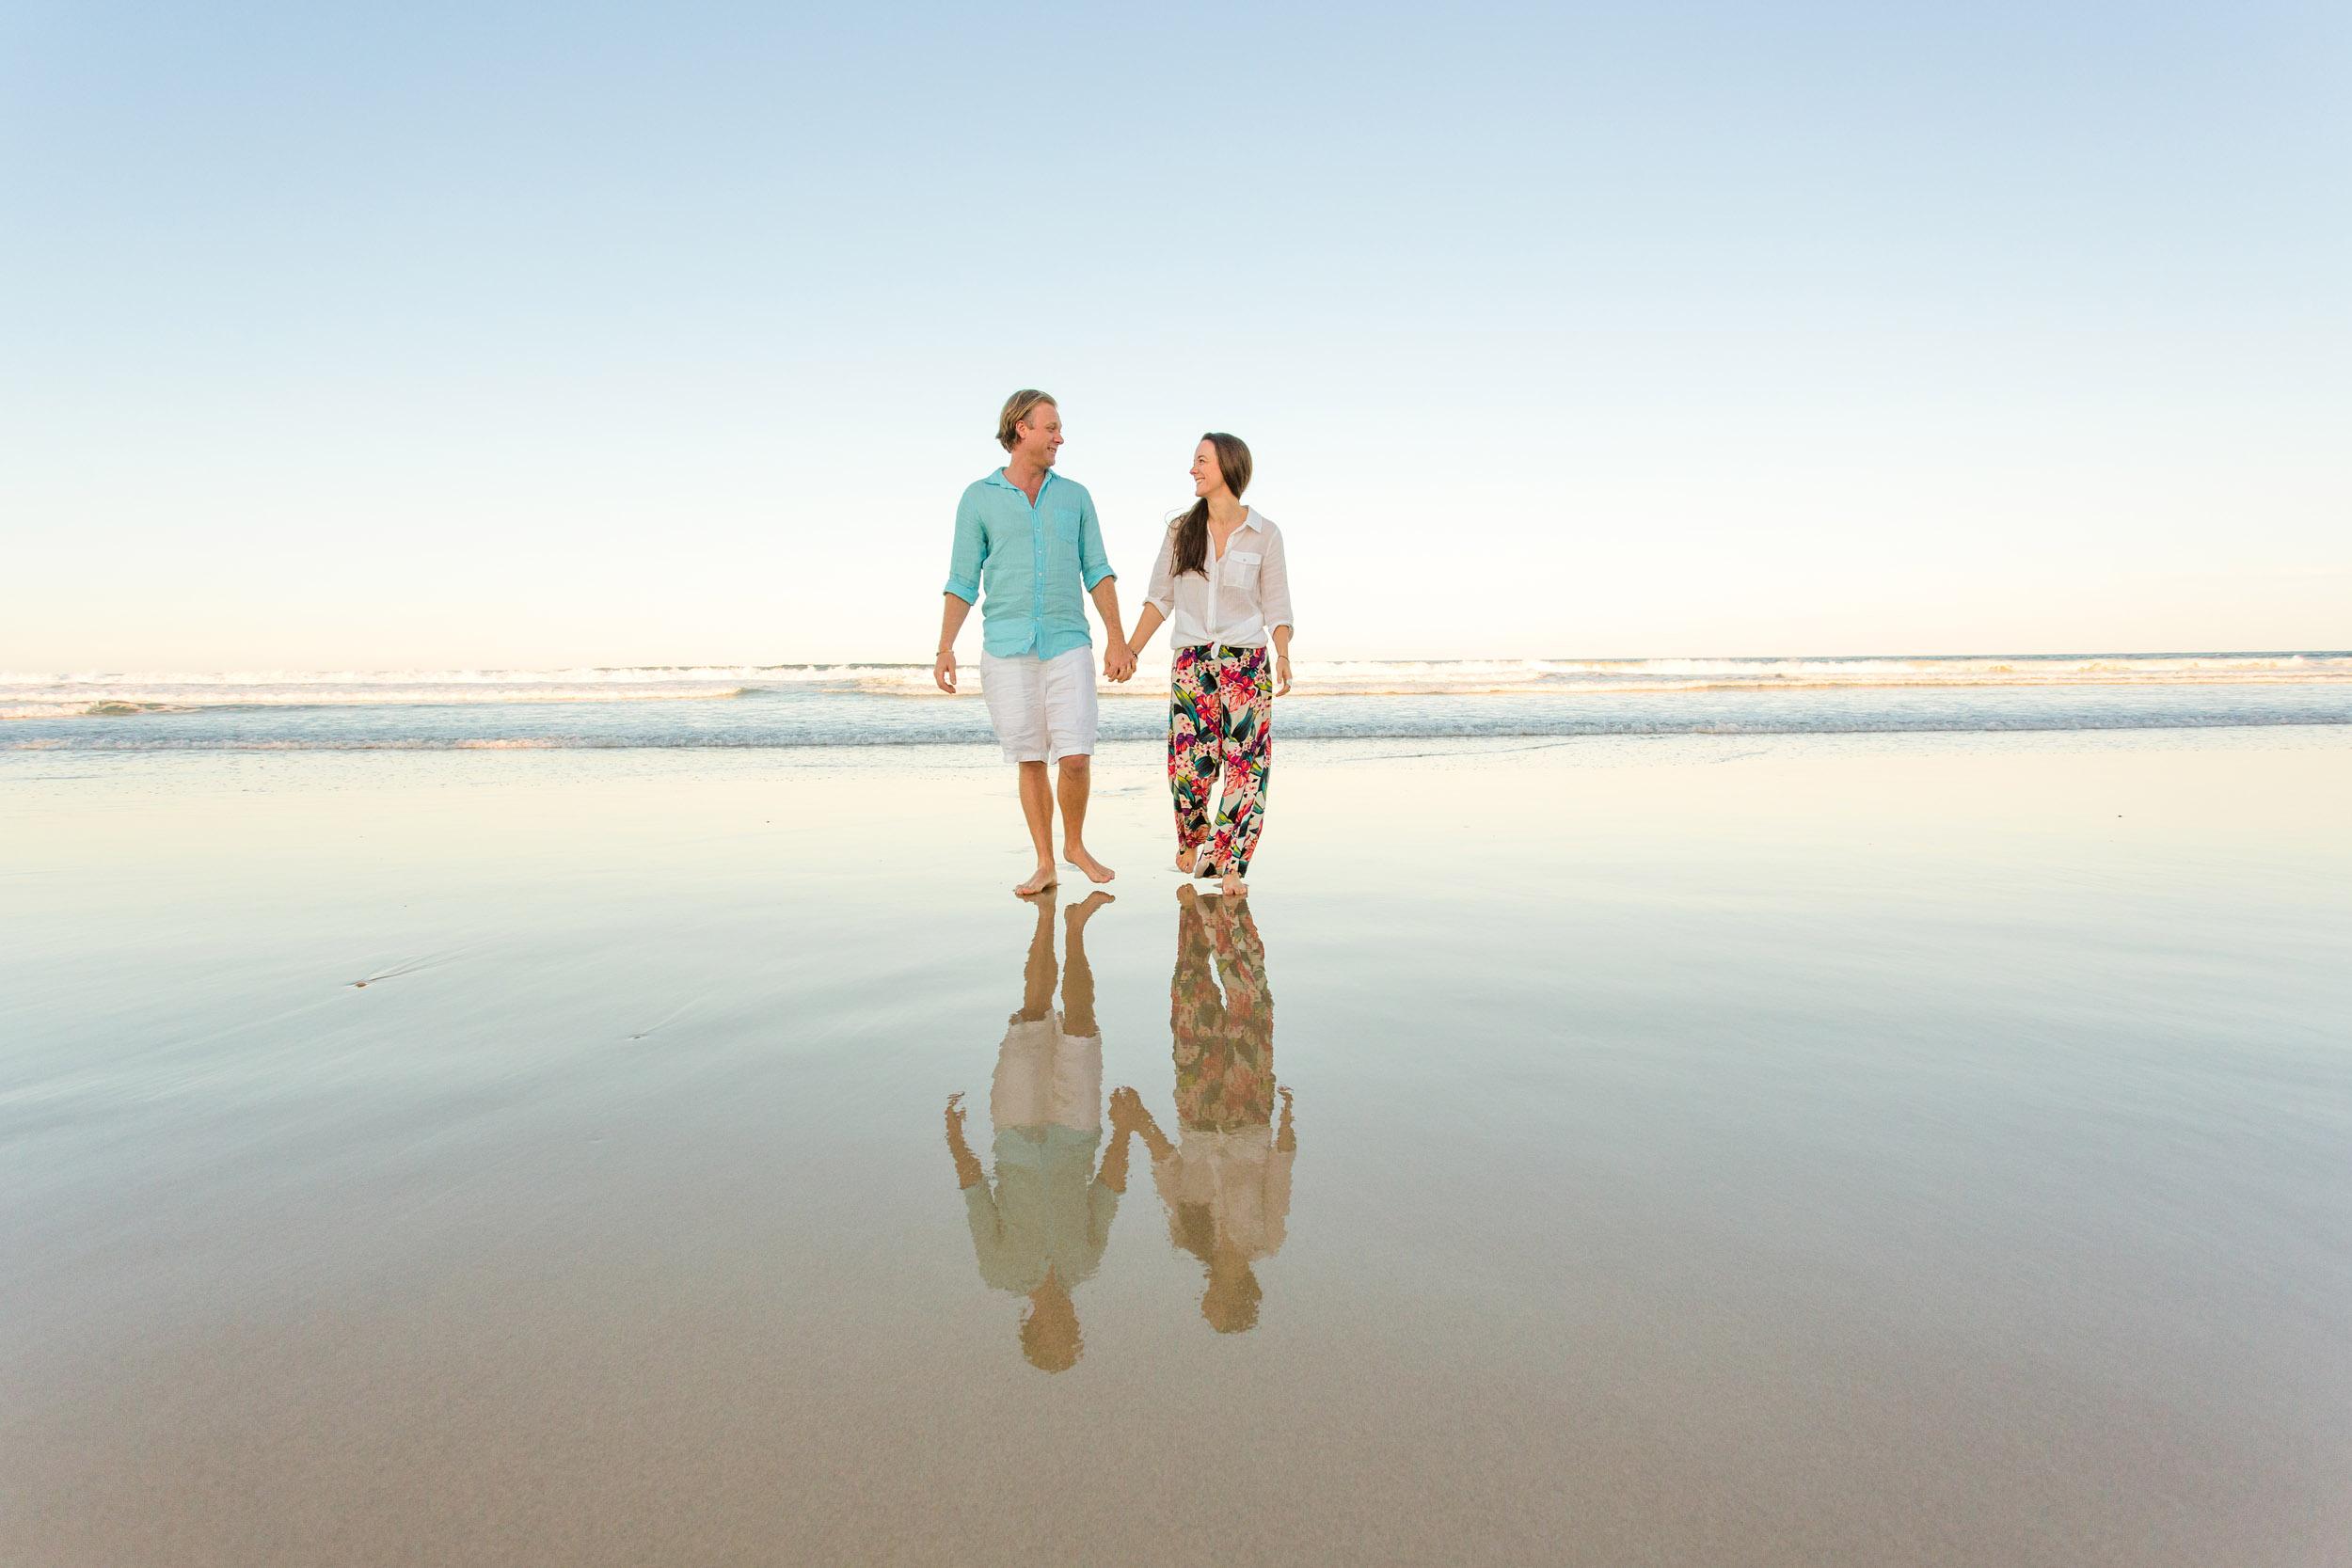 personal-brand-photography-doterra-oils-beach-shoot.jpg